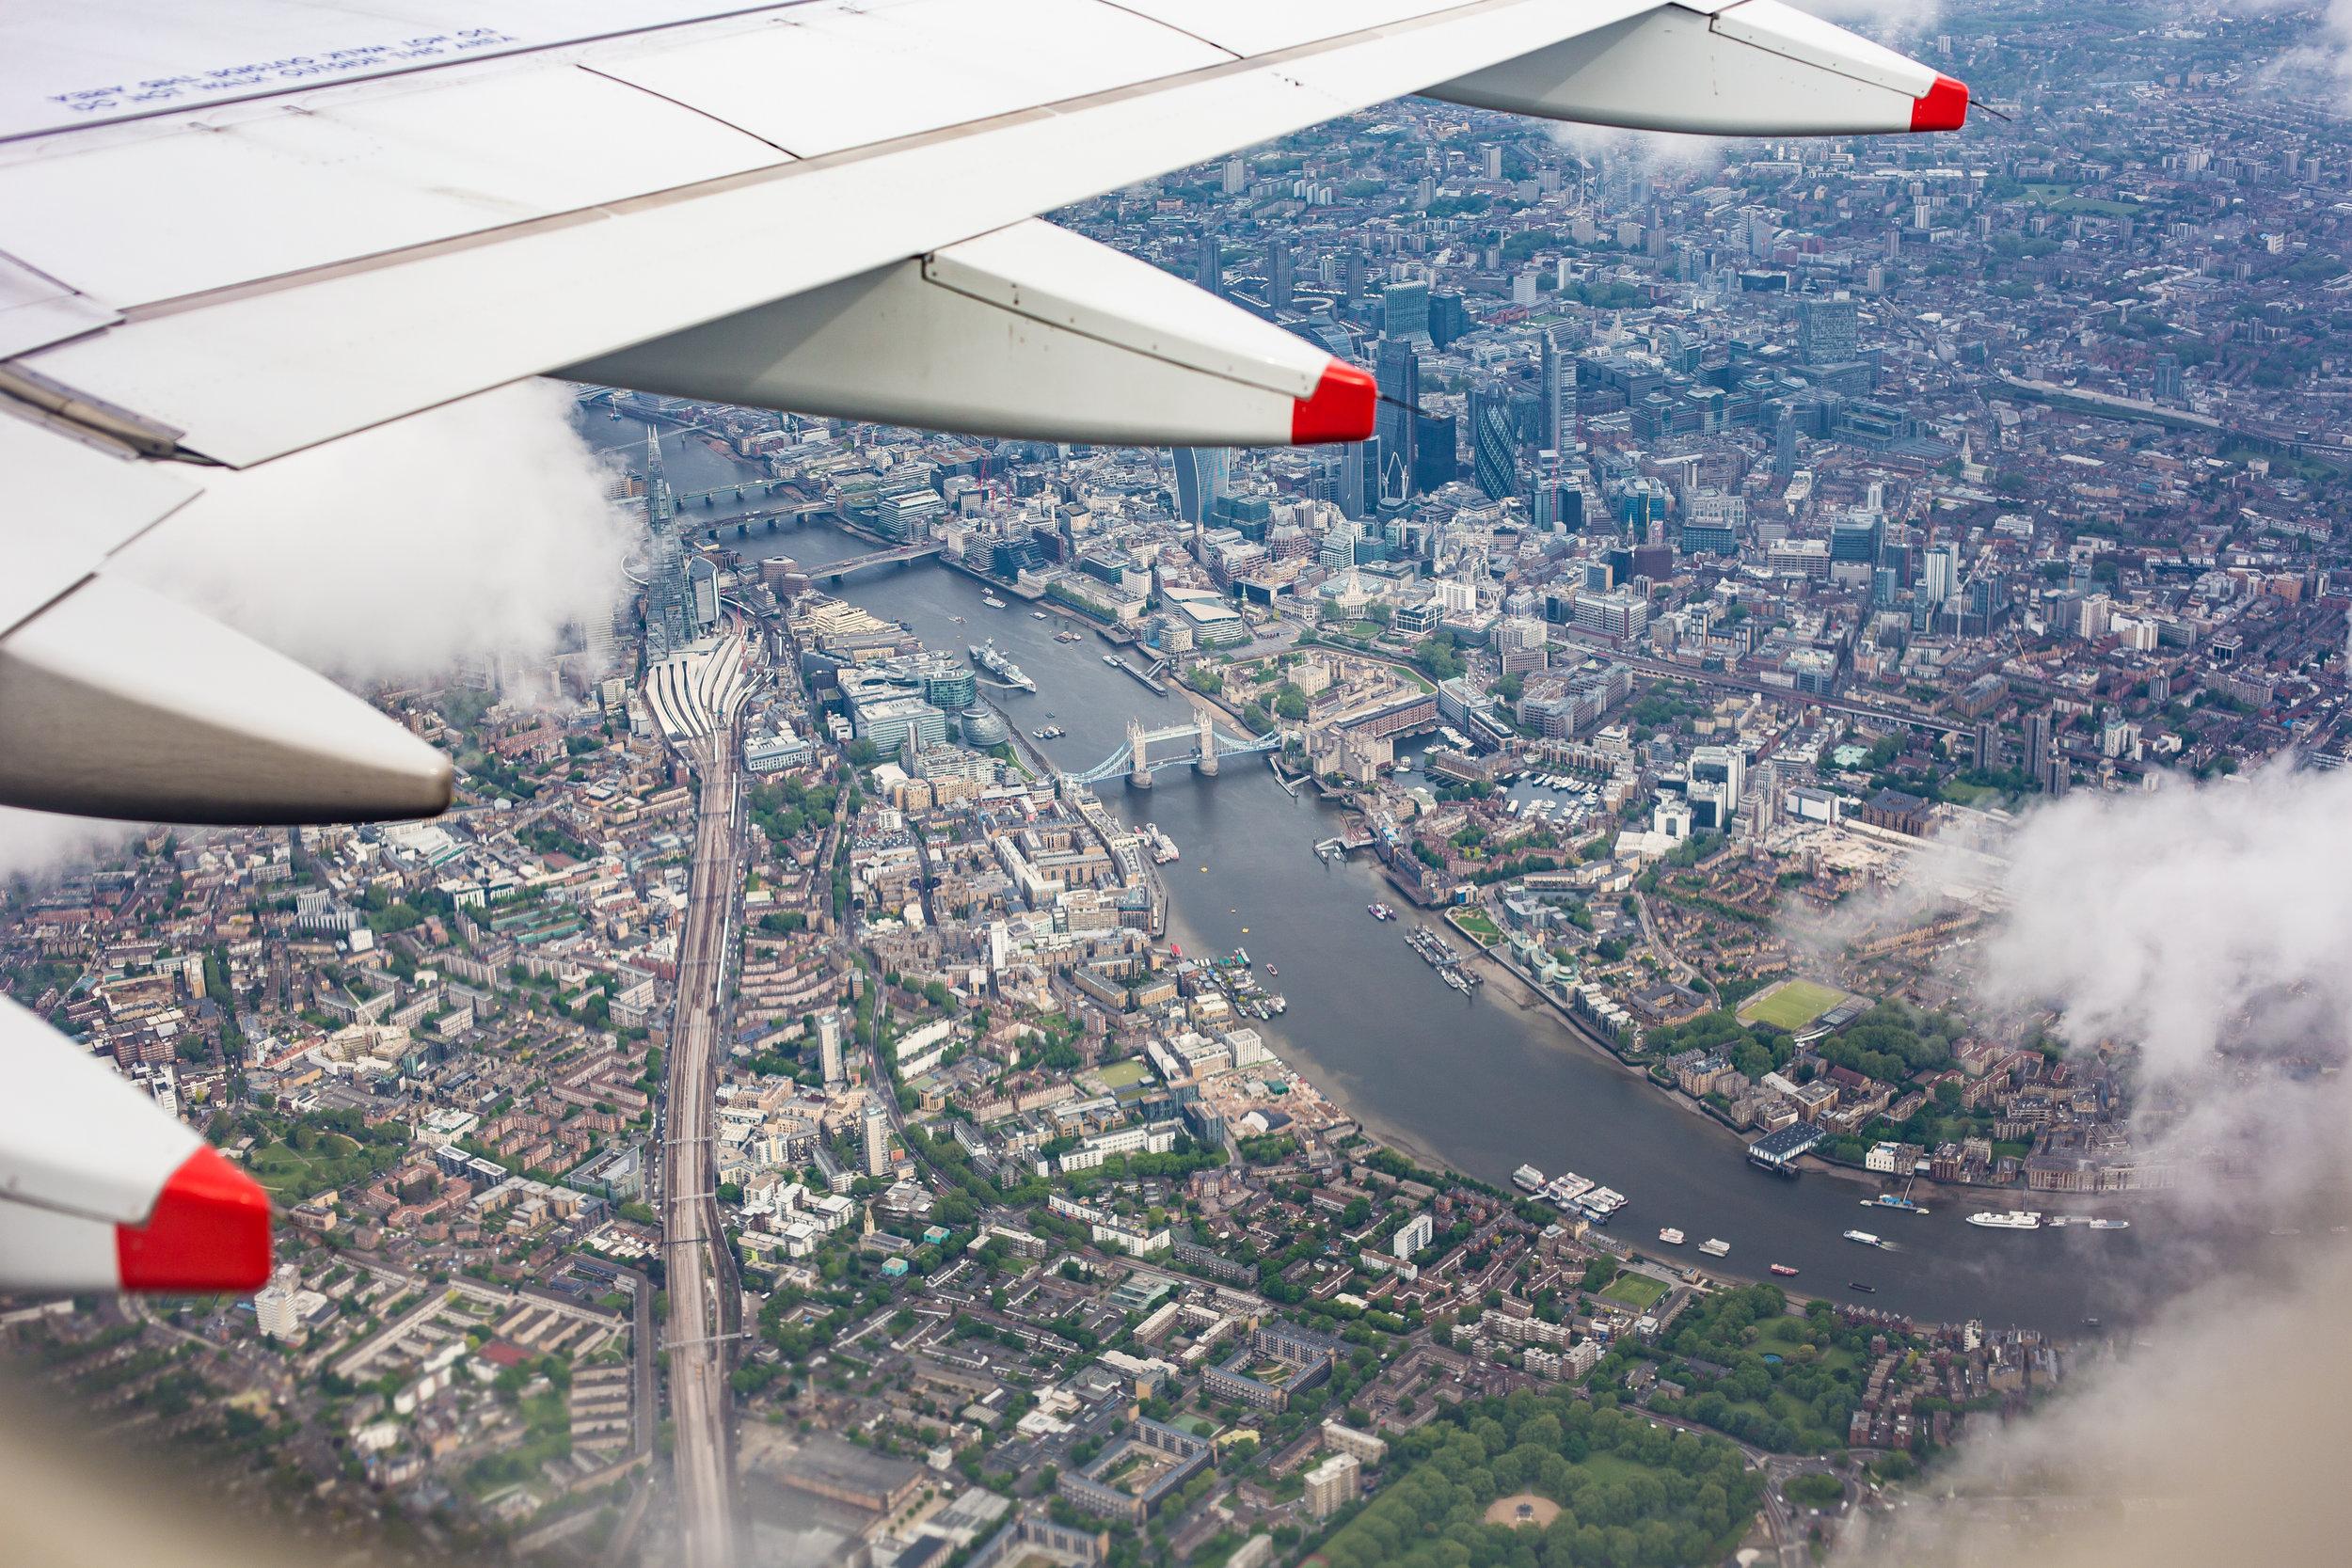 center-of-london-uk-from-the-airplane-window-picjumbo-com.jpg